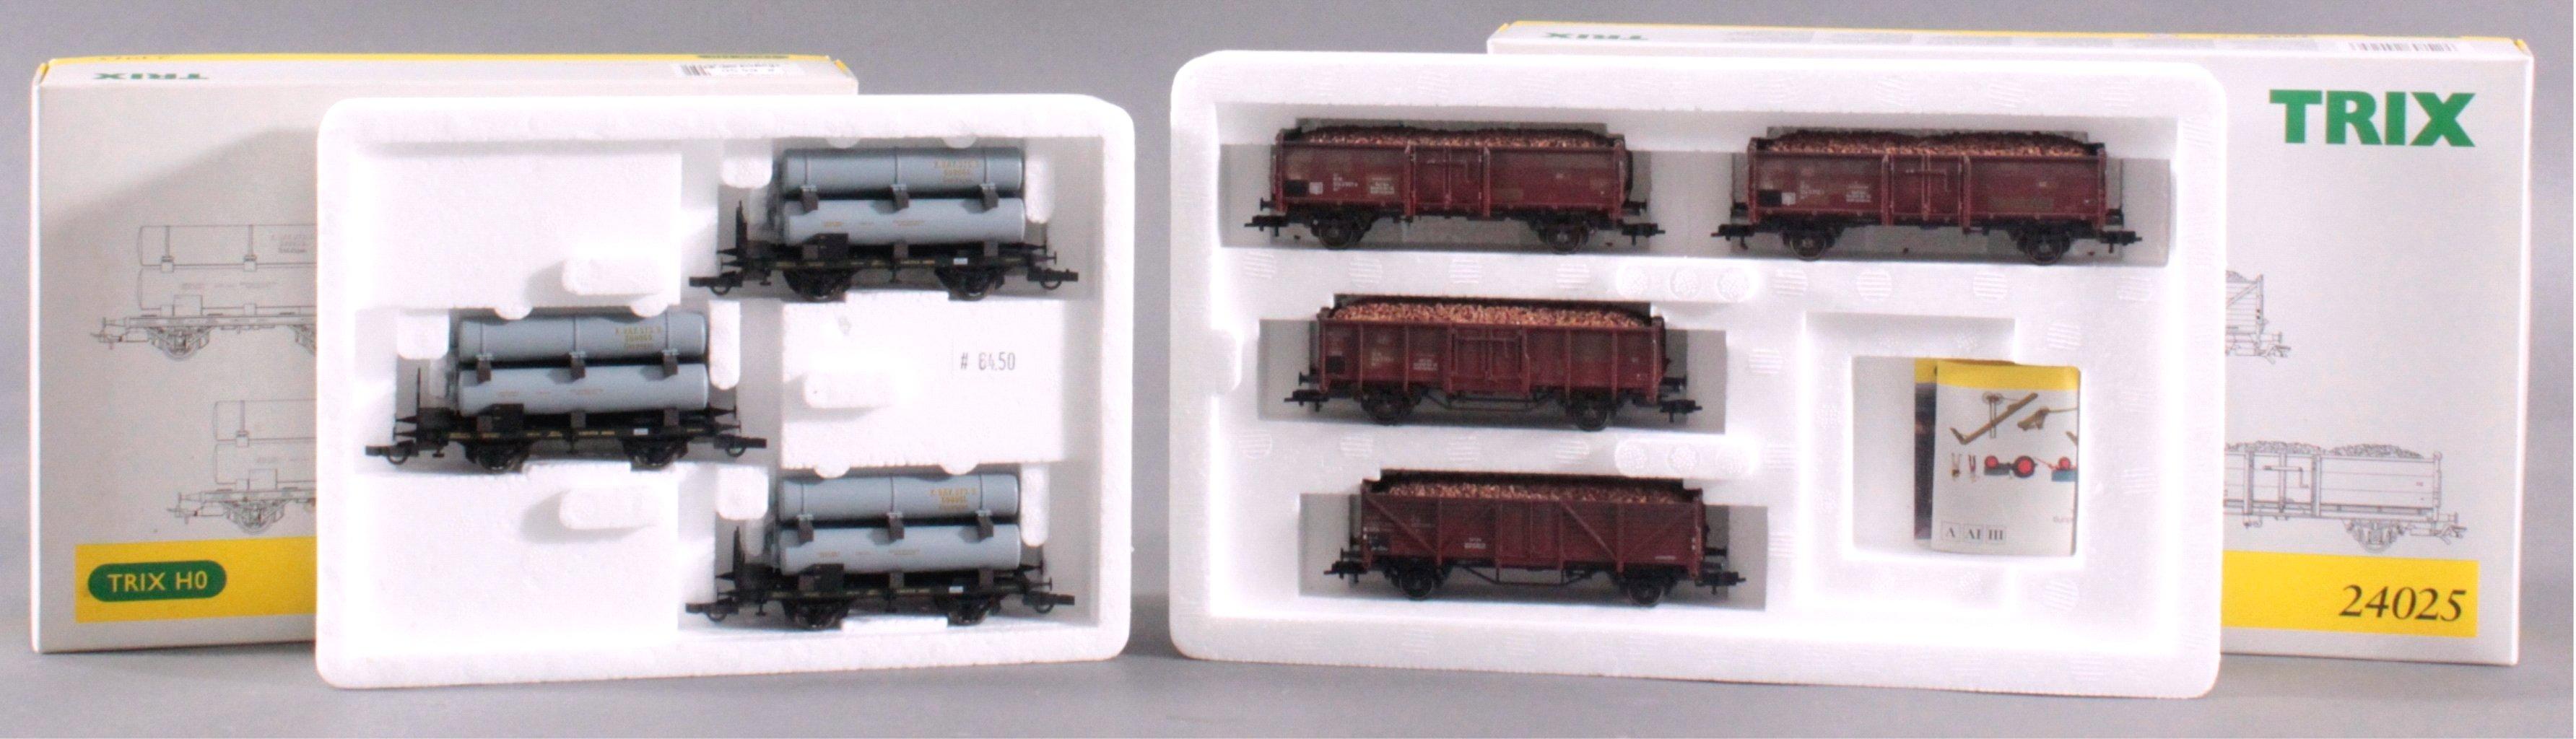 Trix E-Lok 2468 mit Waggons, Spur H0